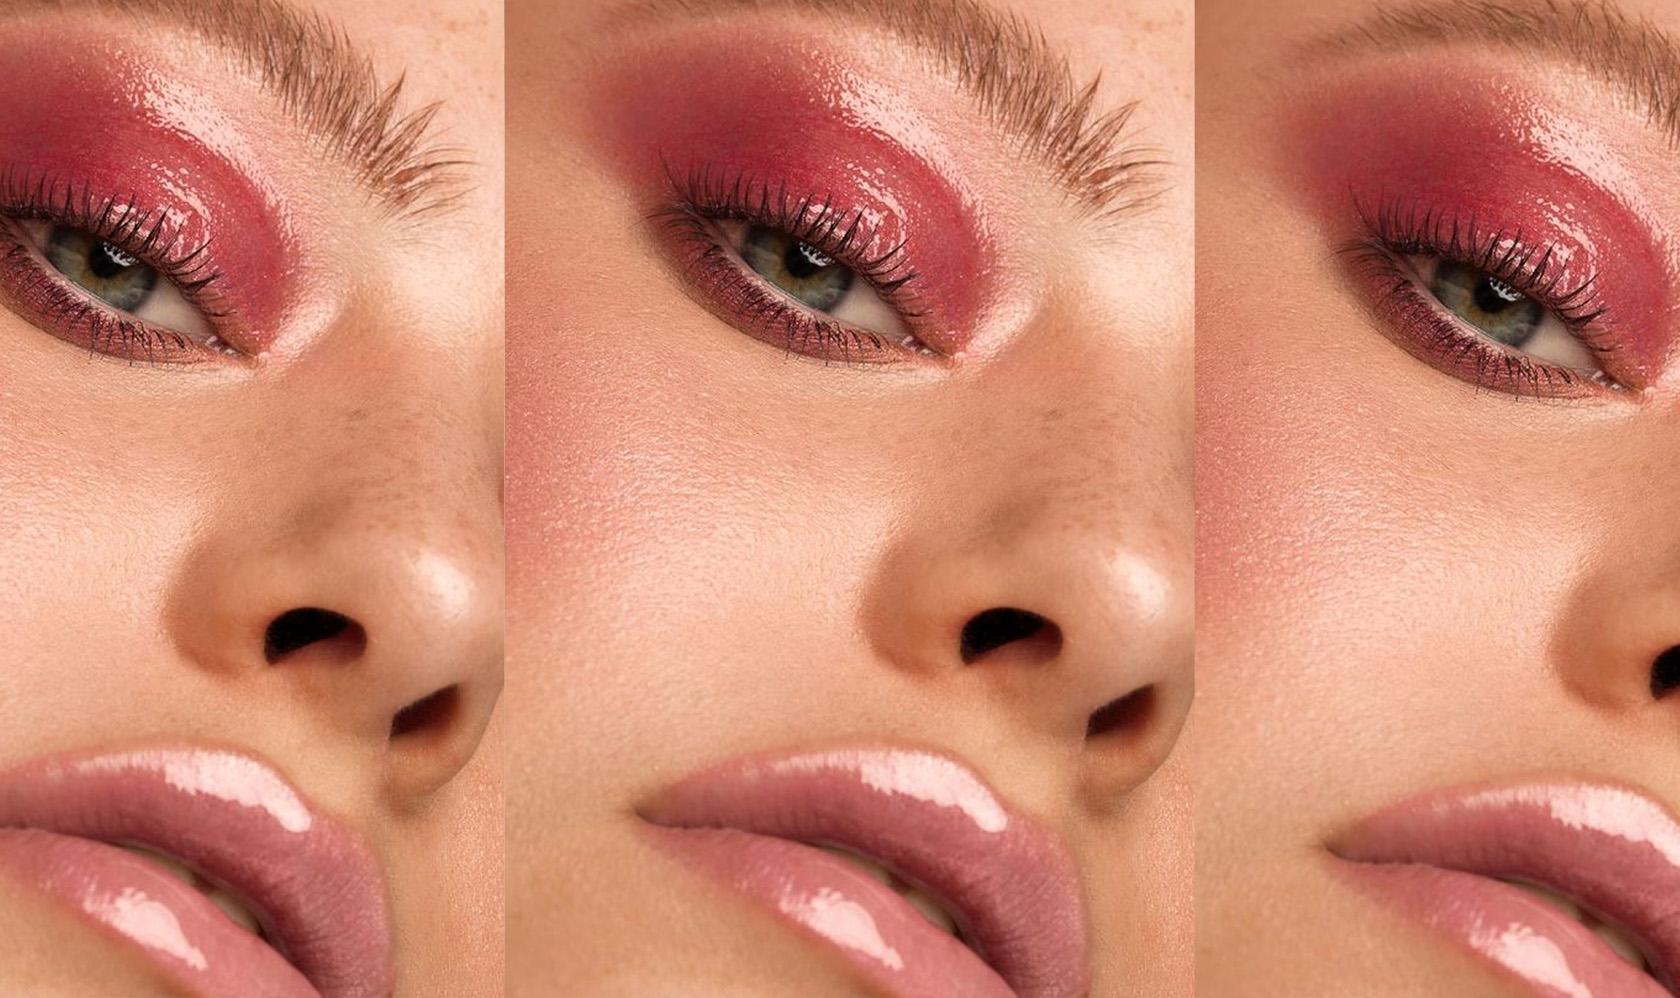 glossy-eyed-model